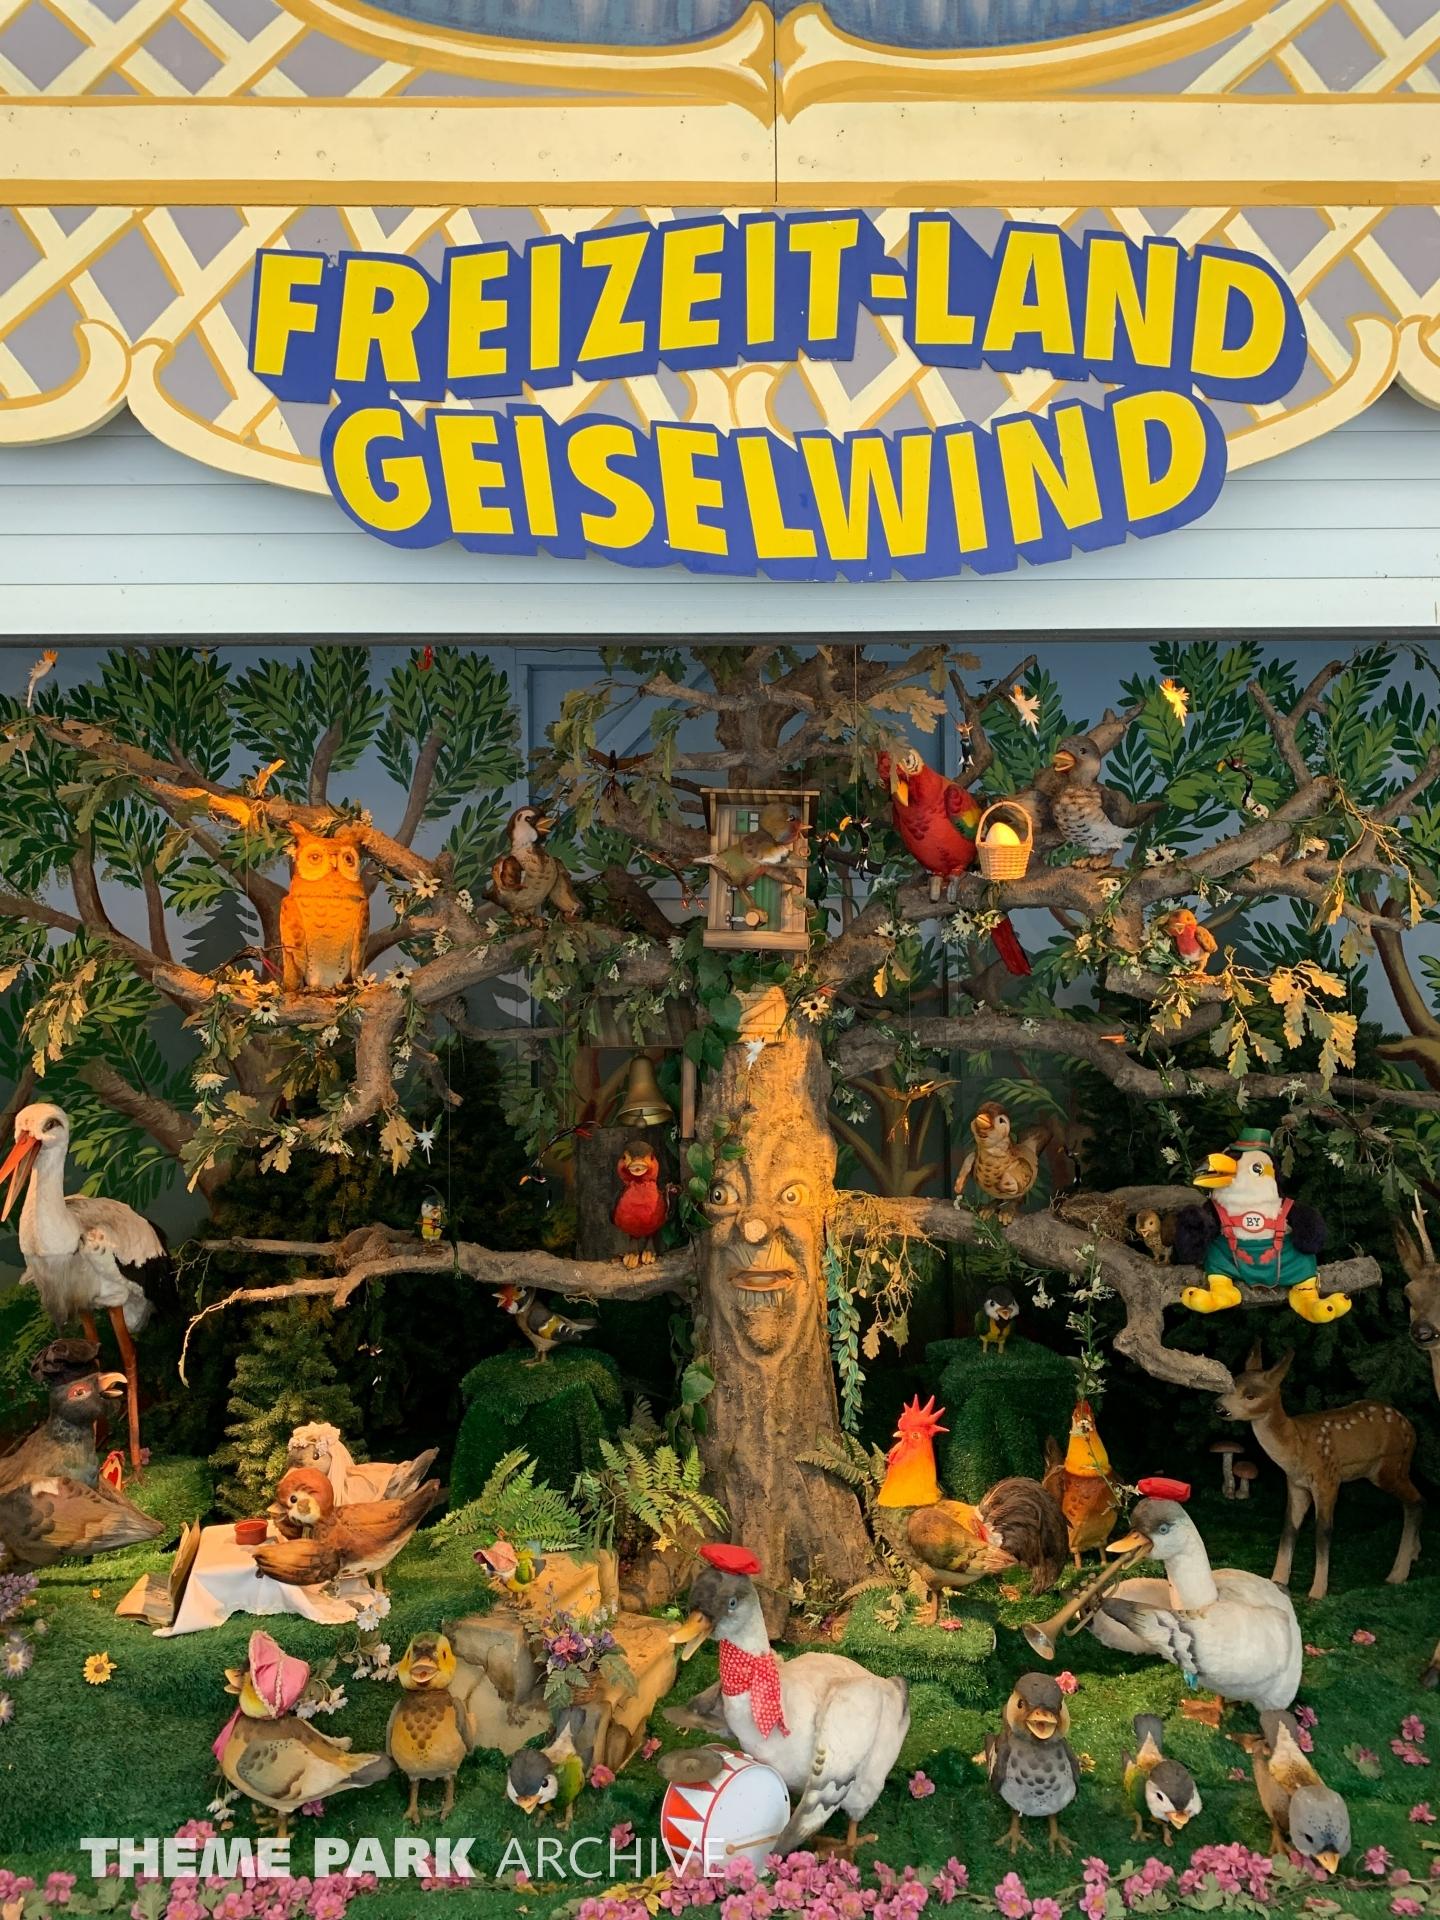 Vogelhochzeit at Freizeit Land Geiselwind